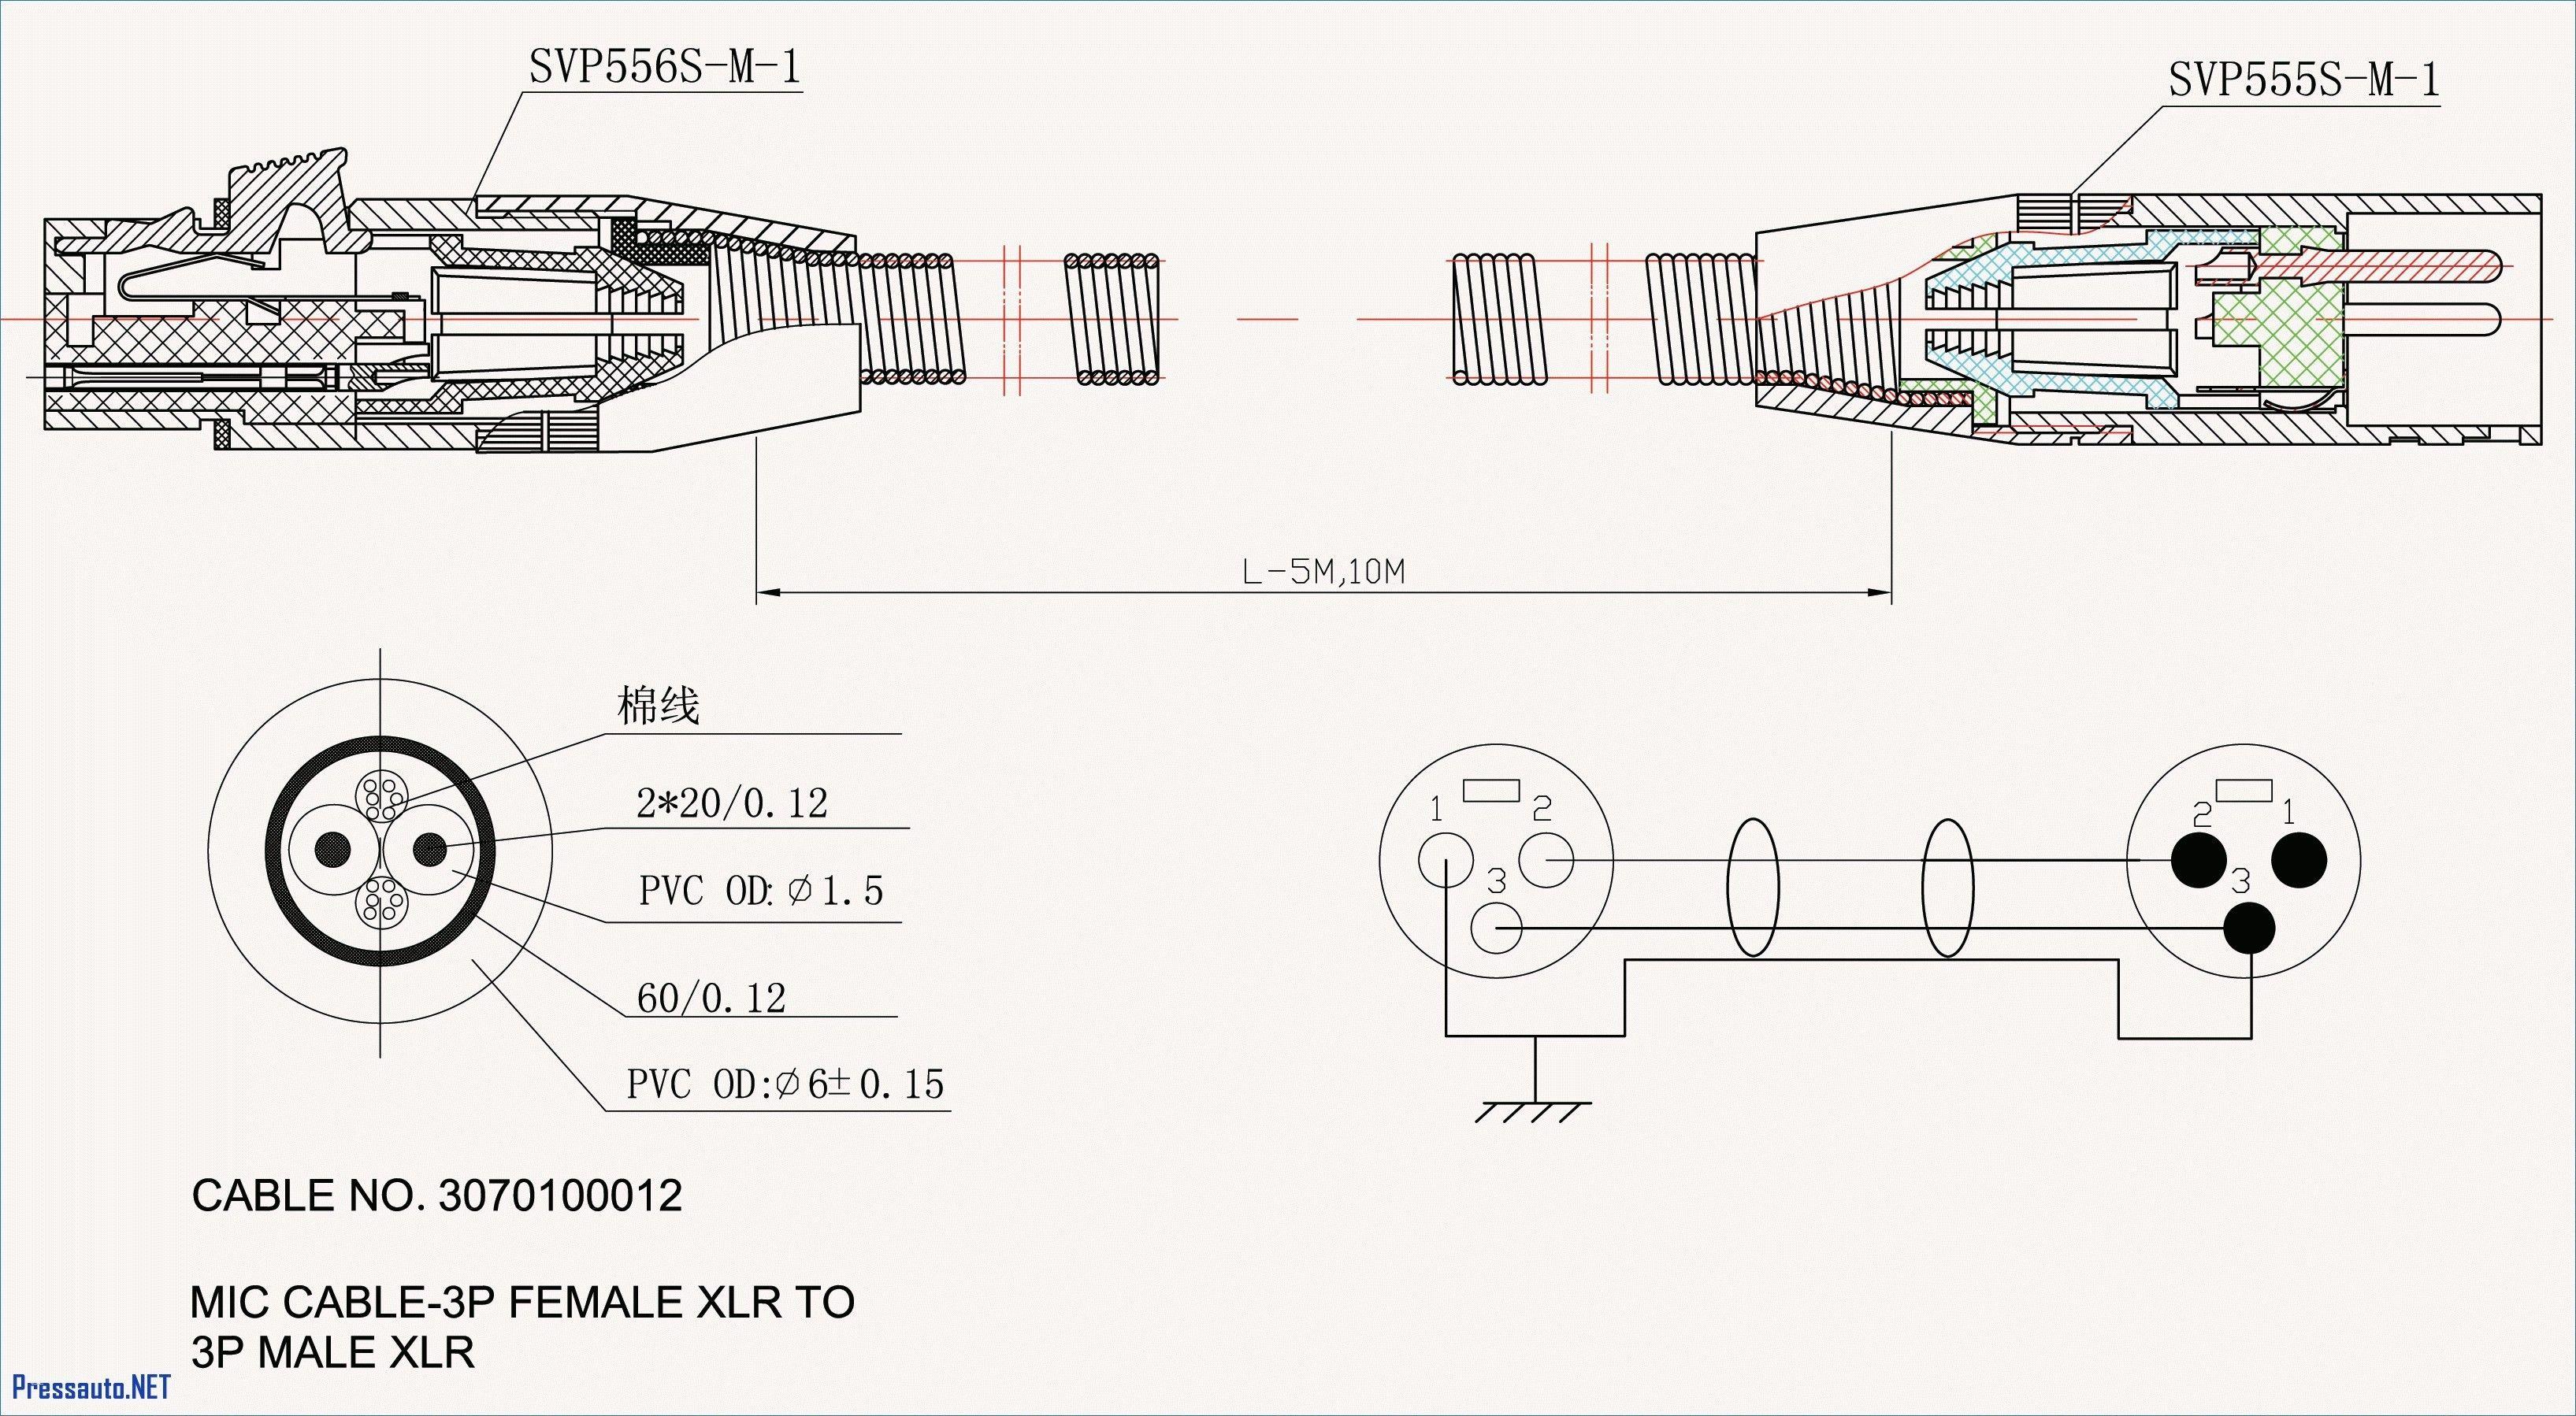 Wiring Diagram Of Motorcycle Honda Xrm 110, http://bookingritzcarlton.info/ wiring-diagram-of-motorc… | Electrical wiring diagram, Alternator, Trailer wiring  diagramPinterest